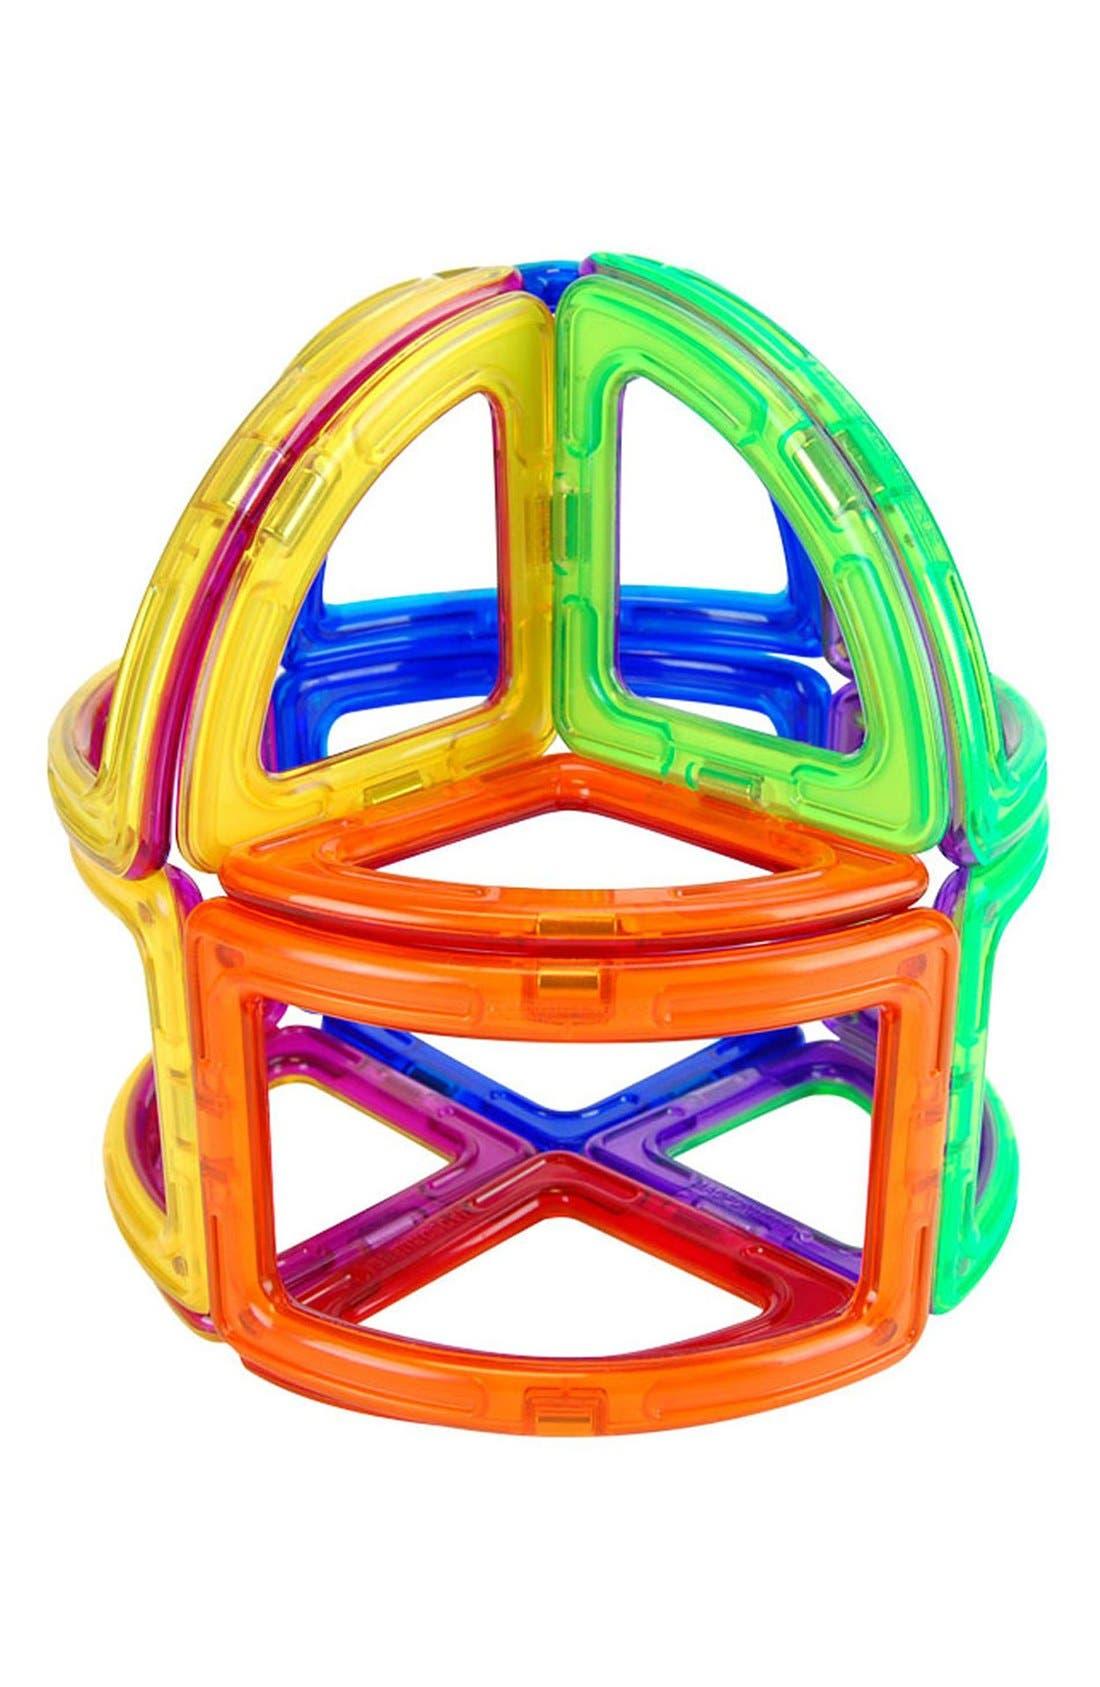 'Creator - Unique' Magnetic 3D Construction Set,                             Alternate thumbnail 4, color,                             400